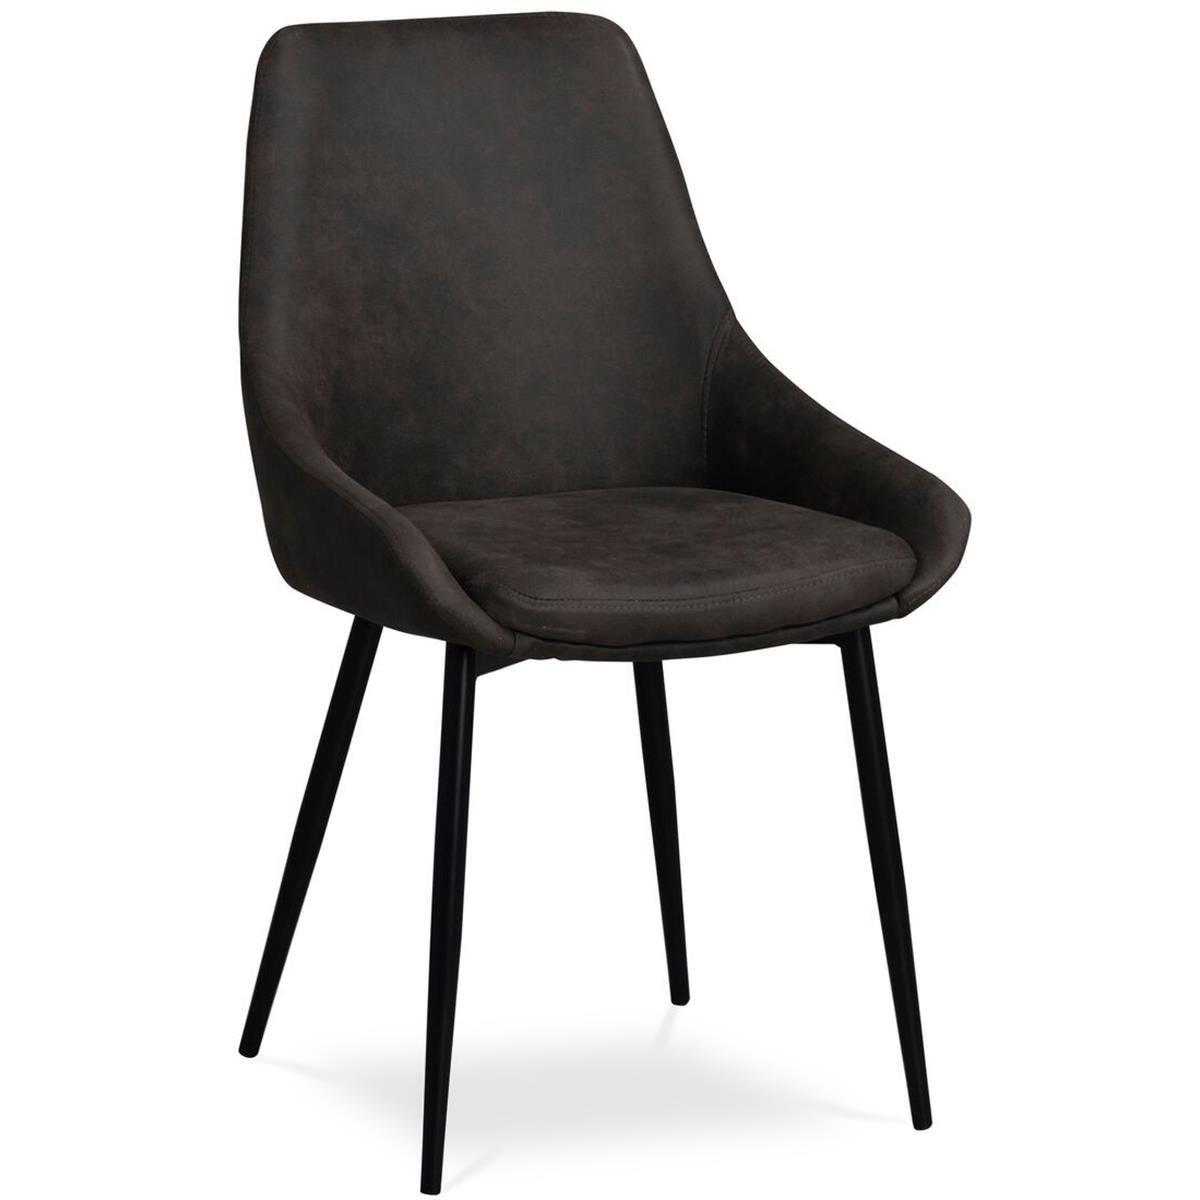 Ebbot stol sammet mörkgrå